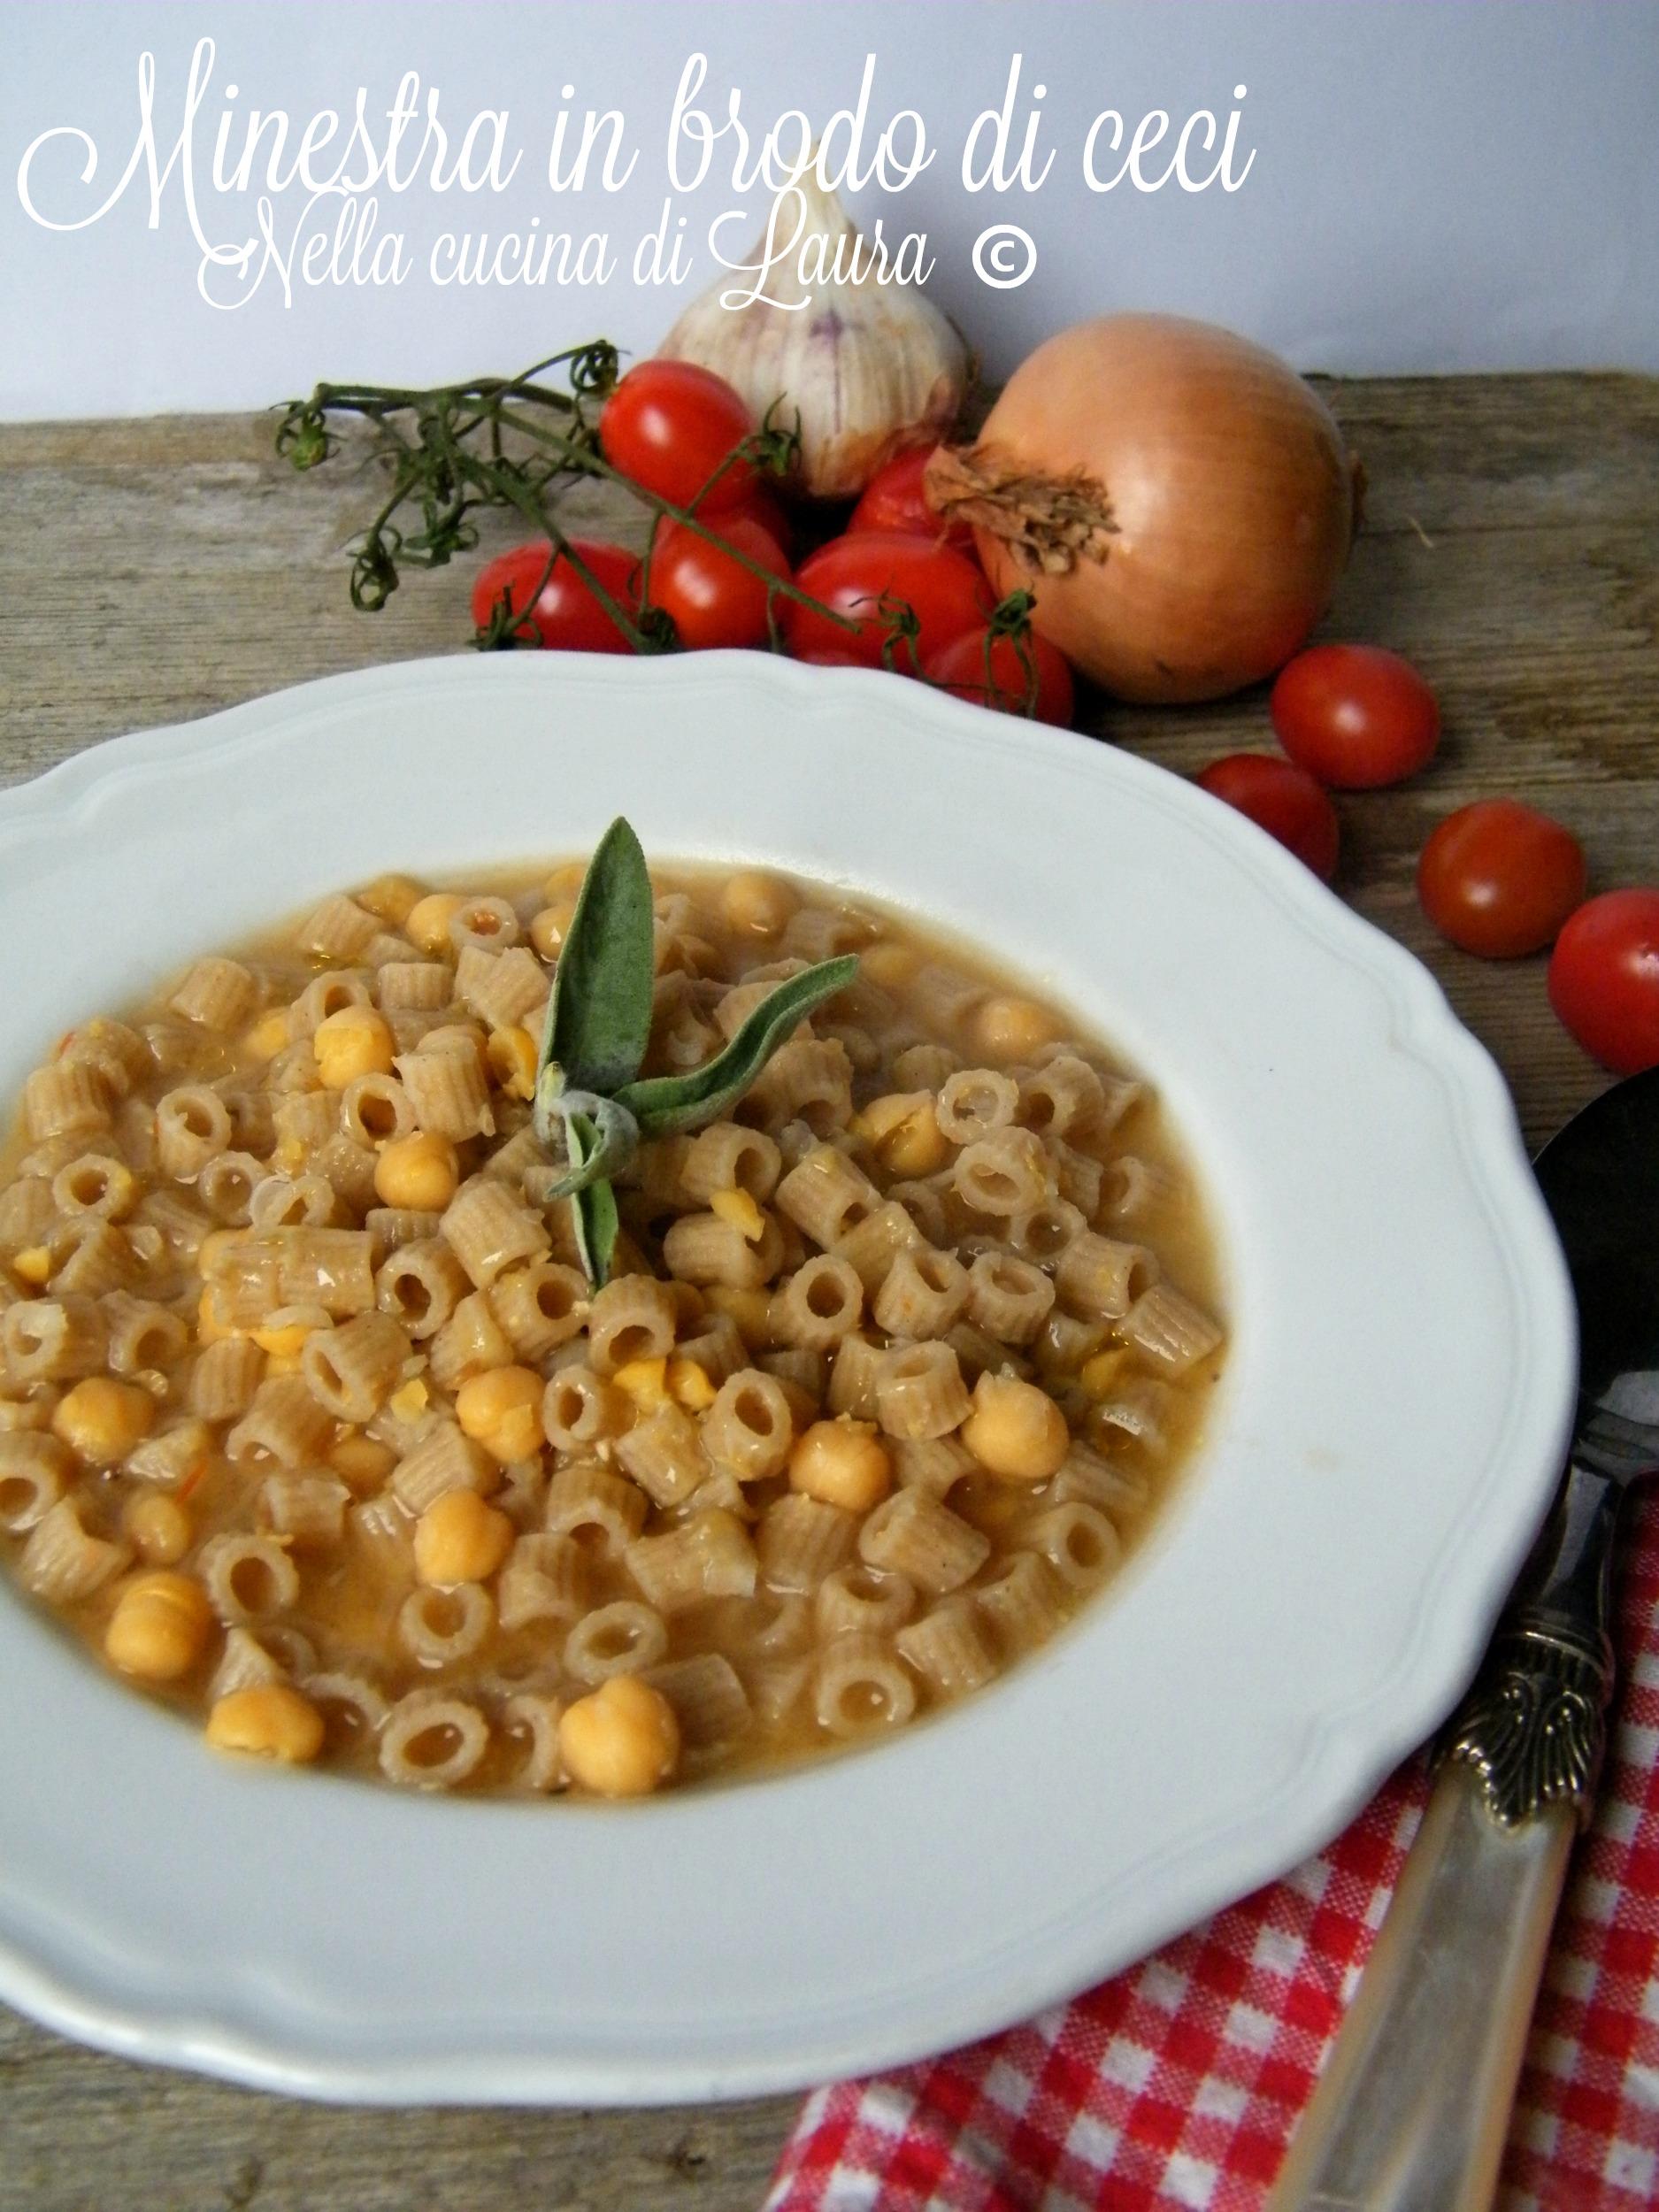 minestra in brodo di ceci - nella cucina di laura